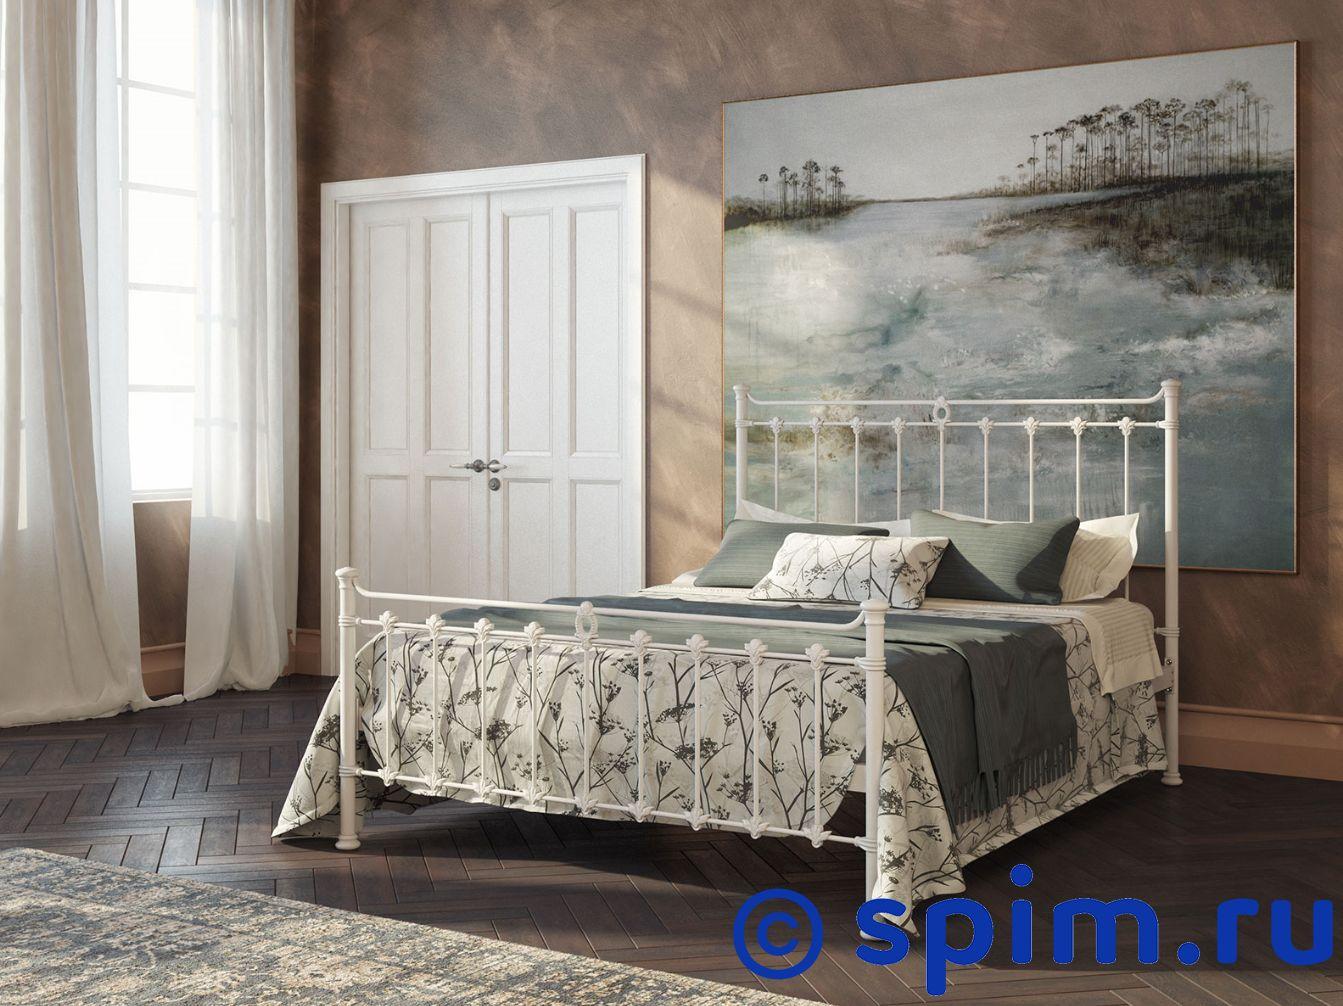 Кровать Originals by Dreamline Guardian (2 спинки) 150х190 см кровать dreamline орден 150х190 см